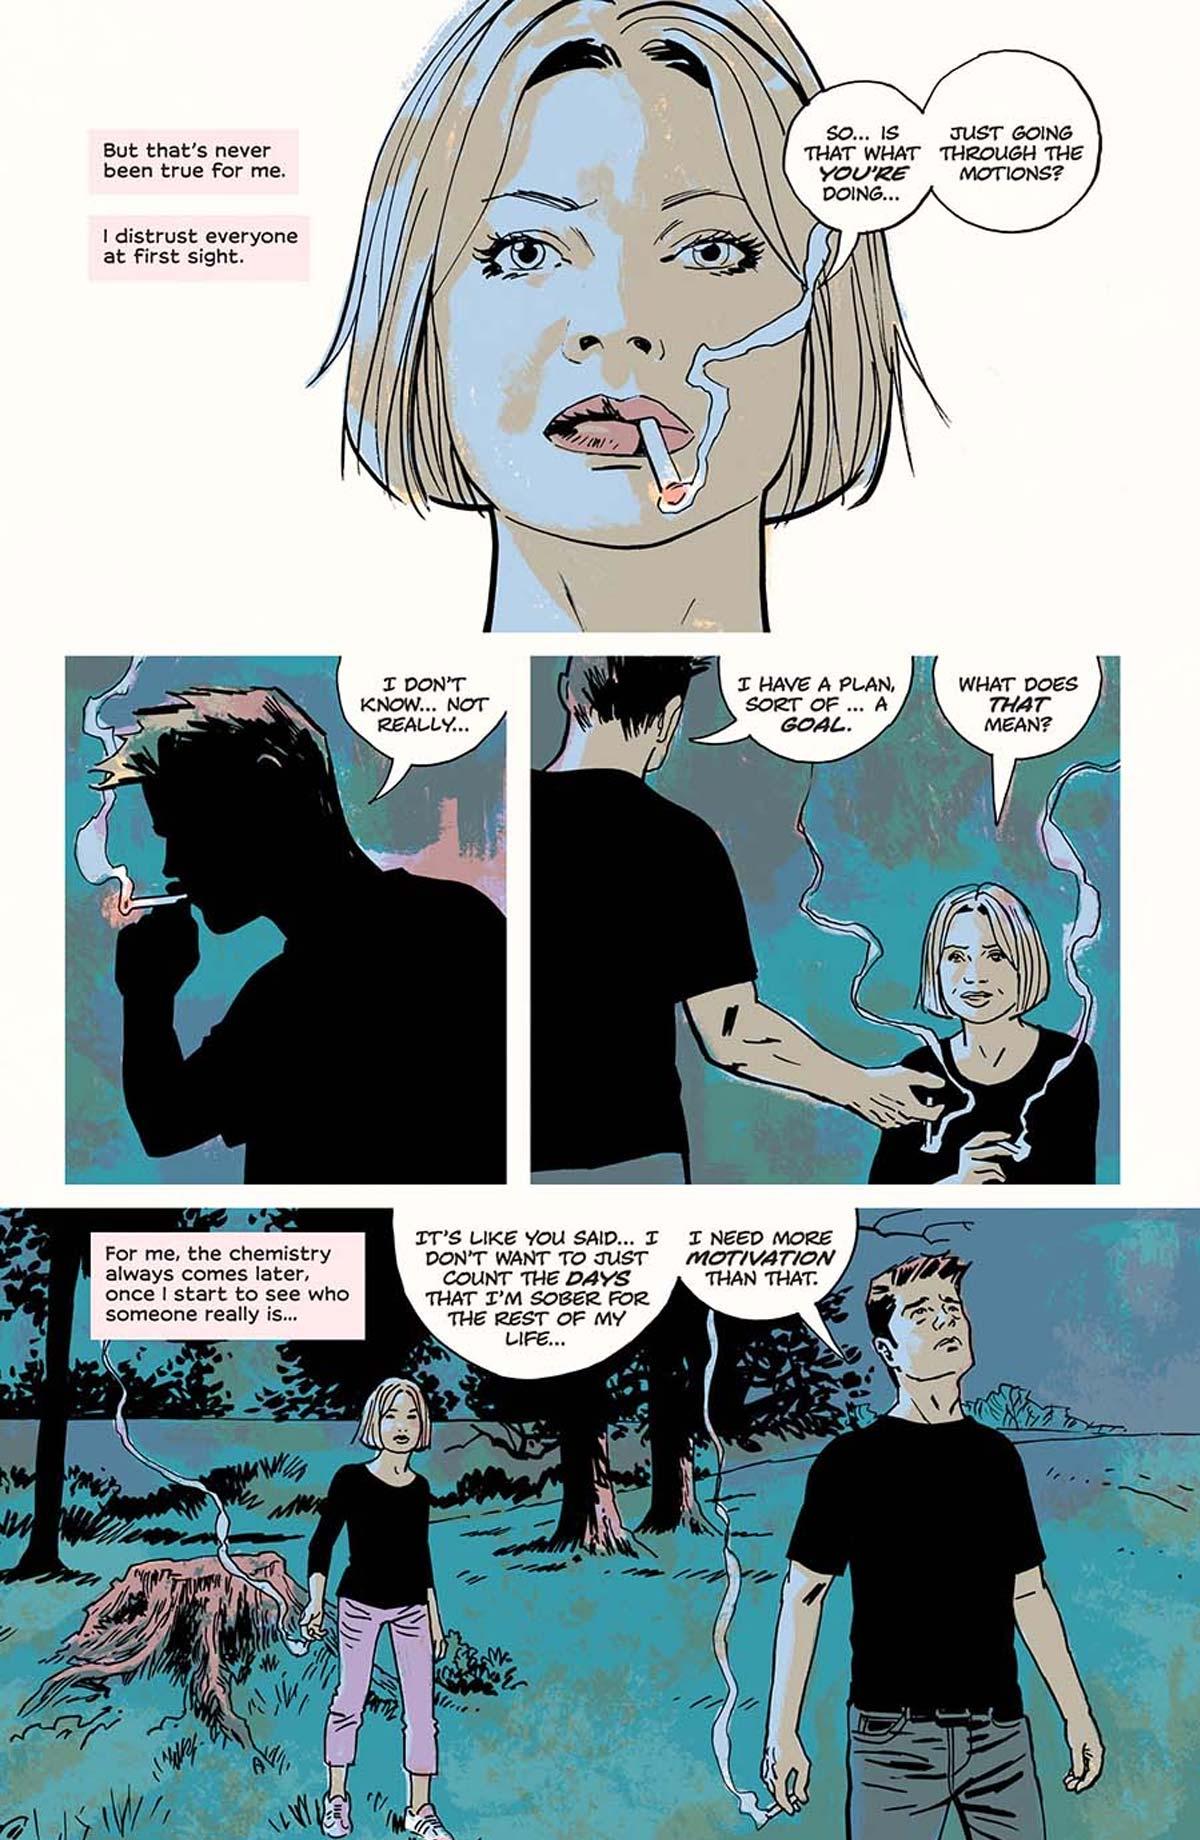 Golem-Comics-resena-mis-heroes-siempre-han-sido-yonquis-yonkis-04